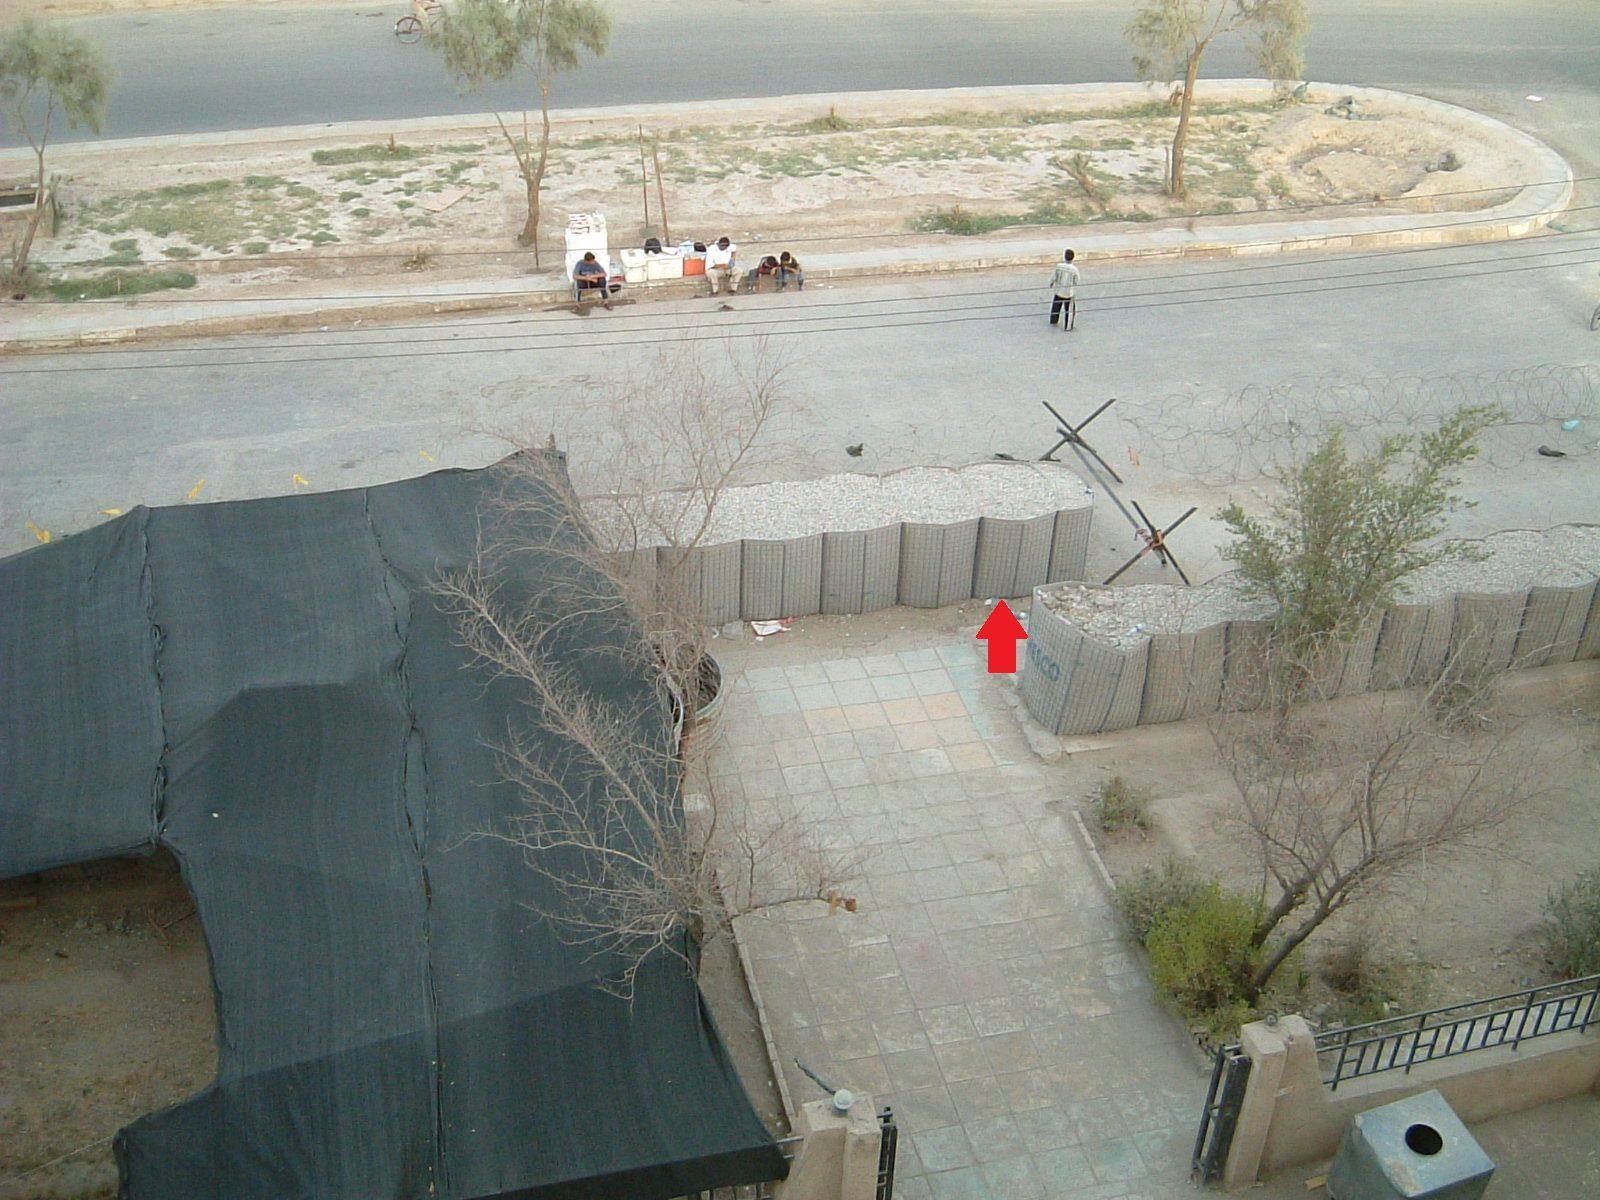 La freccia rossa indica il punto dove si trovava Saccotelli al momento dell'esplosione